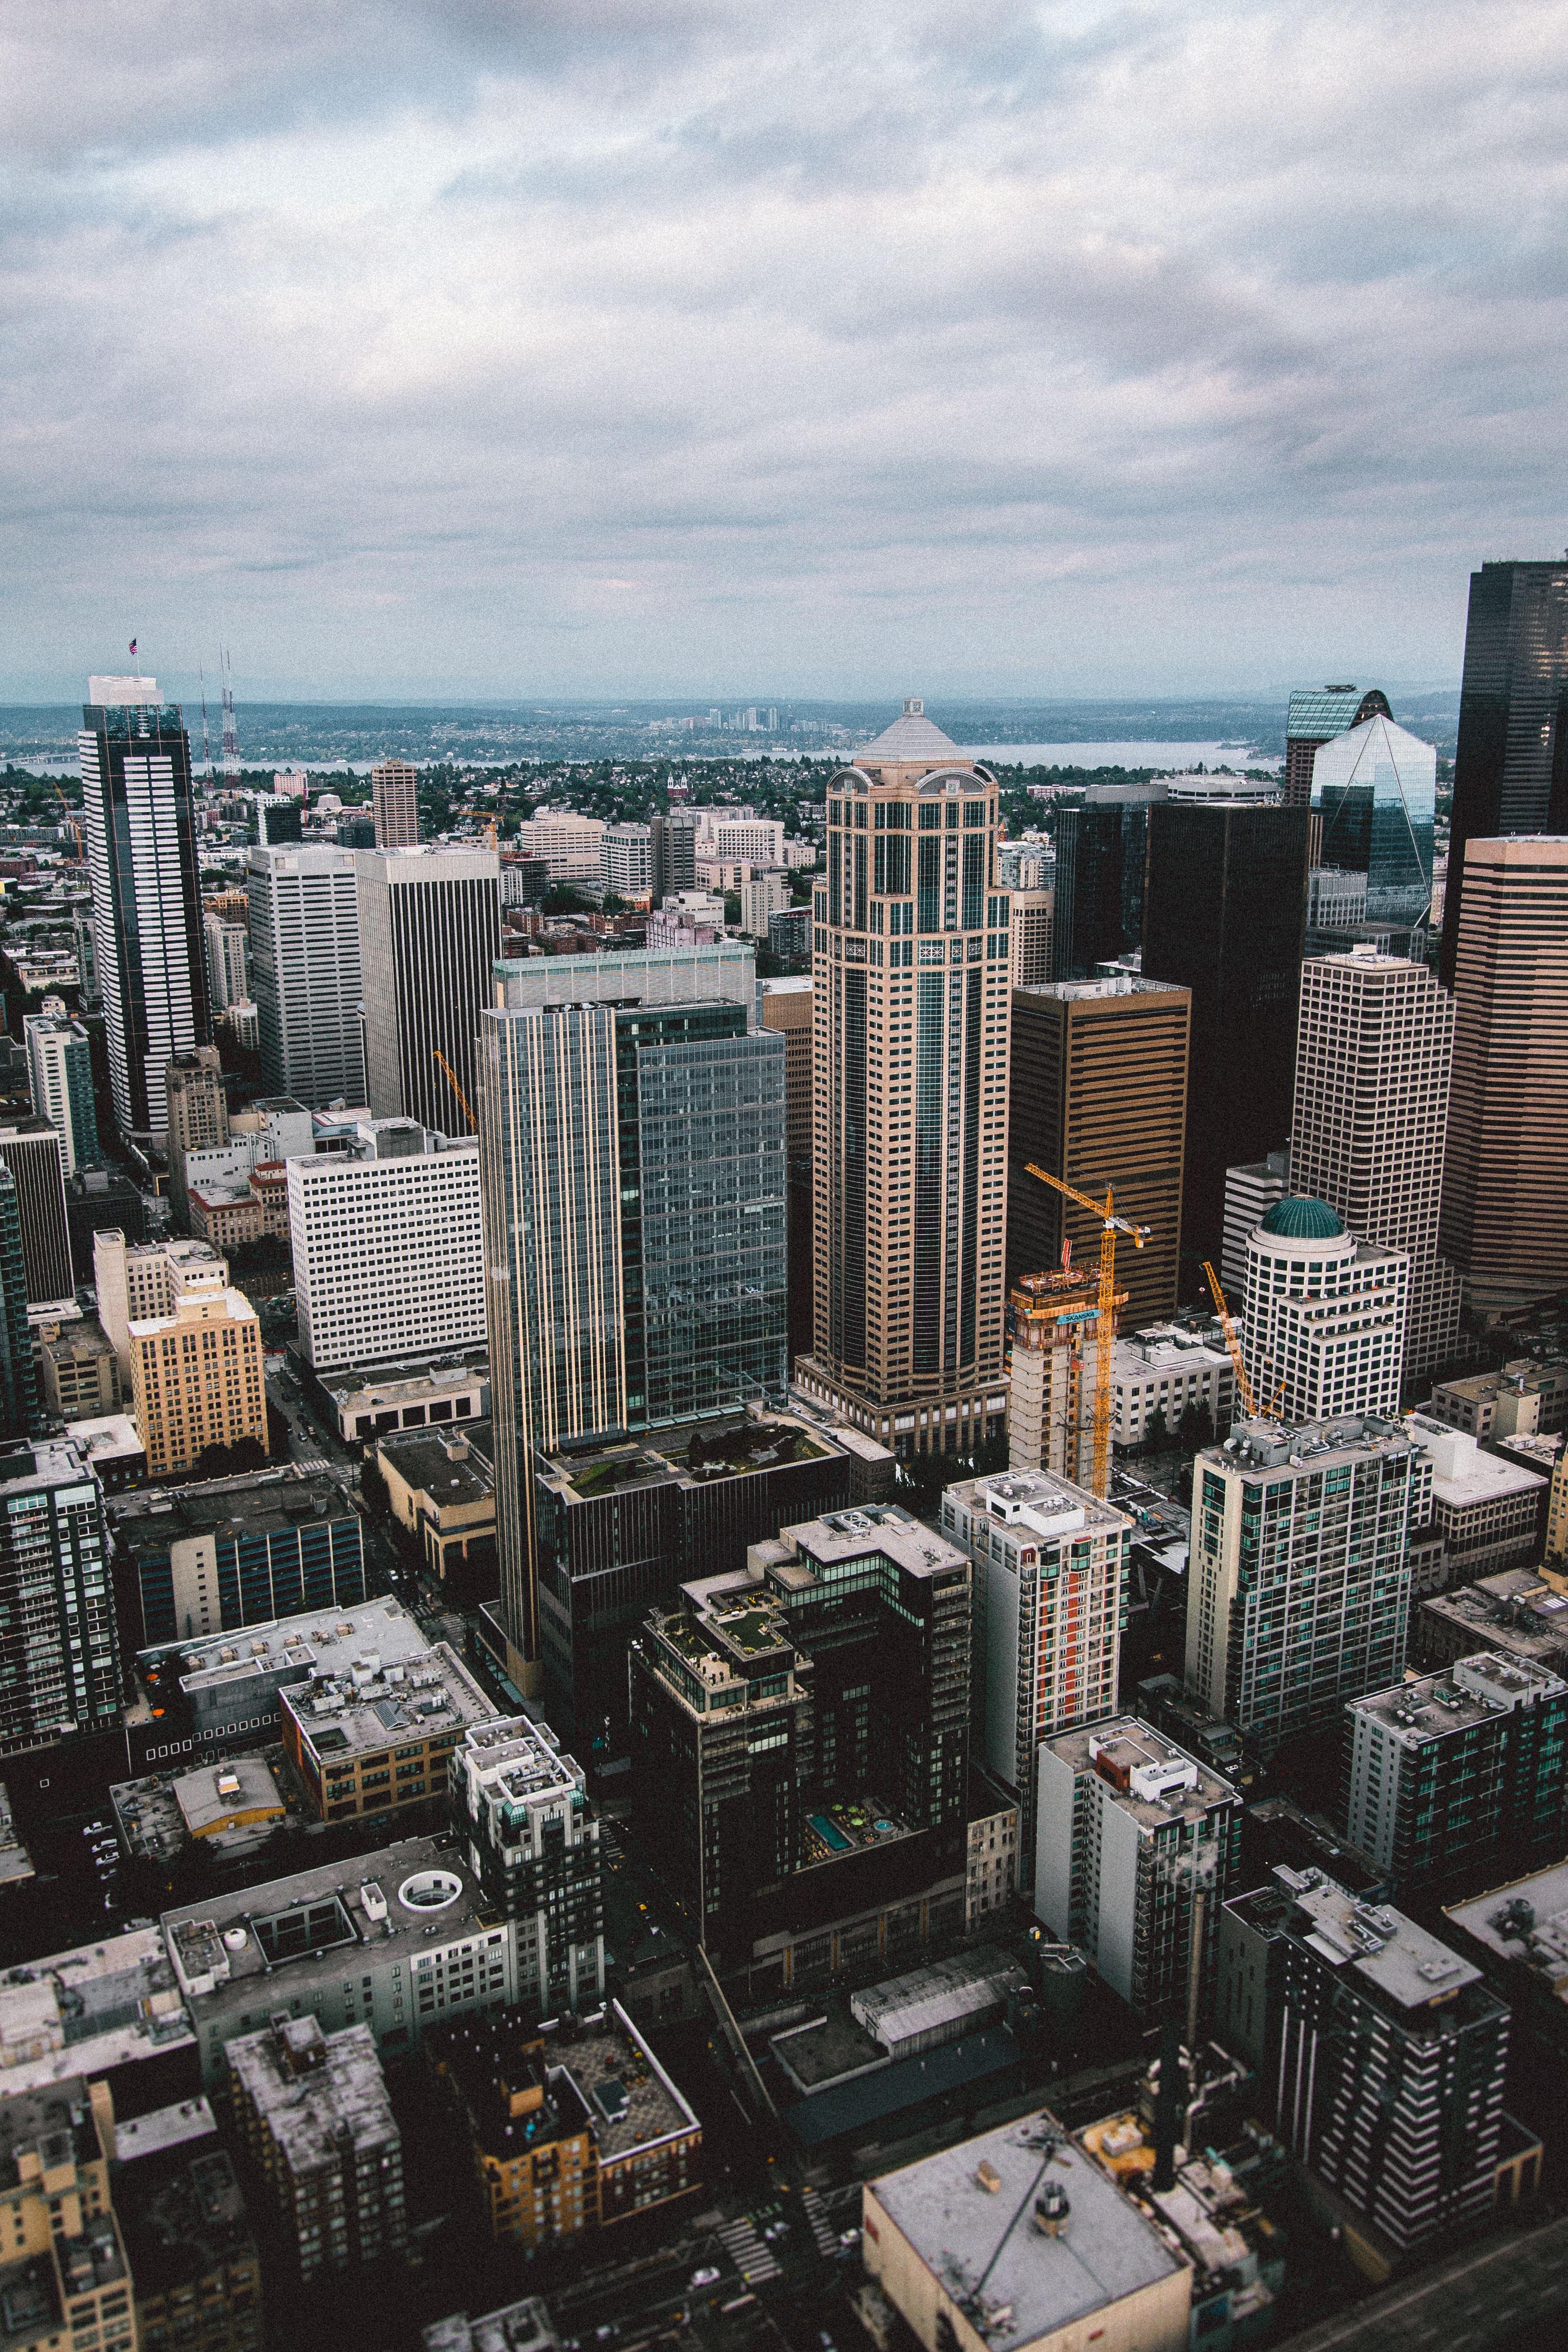 75497壁紙のダウンロード市, 都市, 建物, 超高層ビル, 道路, 道-スクリーンセーバーと写真を無料で